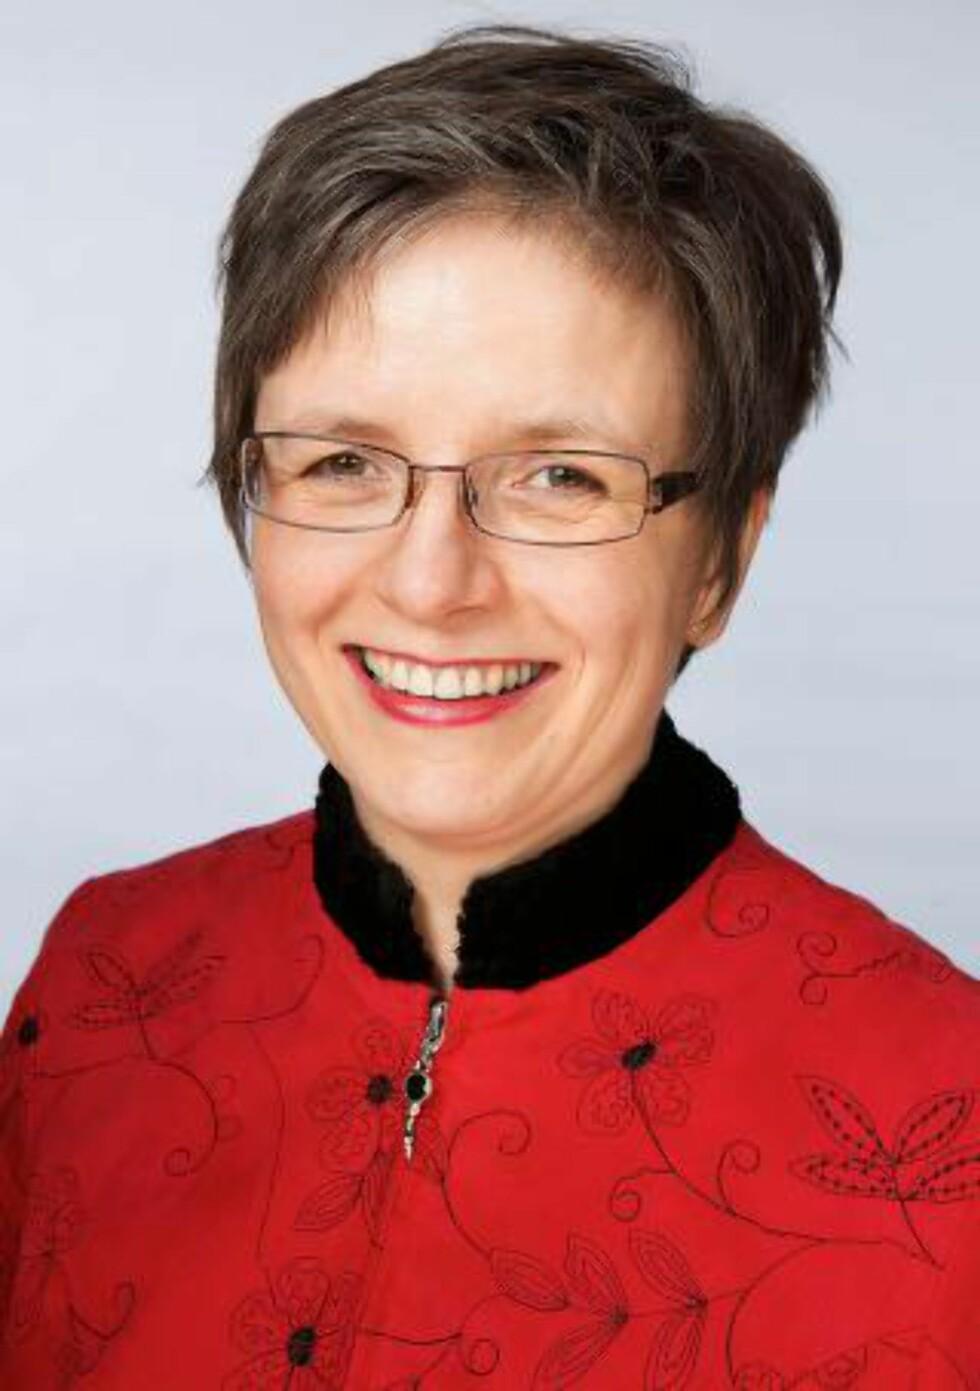 IKKE ET SJOKK: Det kom ikke som et sjokk for jusprofessor Beate Sjåfjell at Lunder ble pågrepet onsdag kveld. Hun sier det vil være naturlig å pågripe personer i styret til Vimpelcom. Foto: UIO